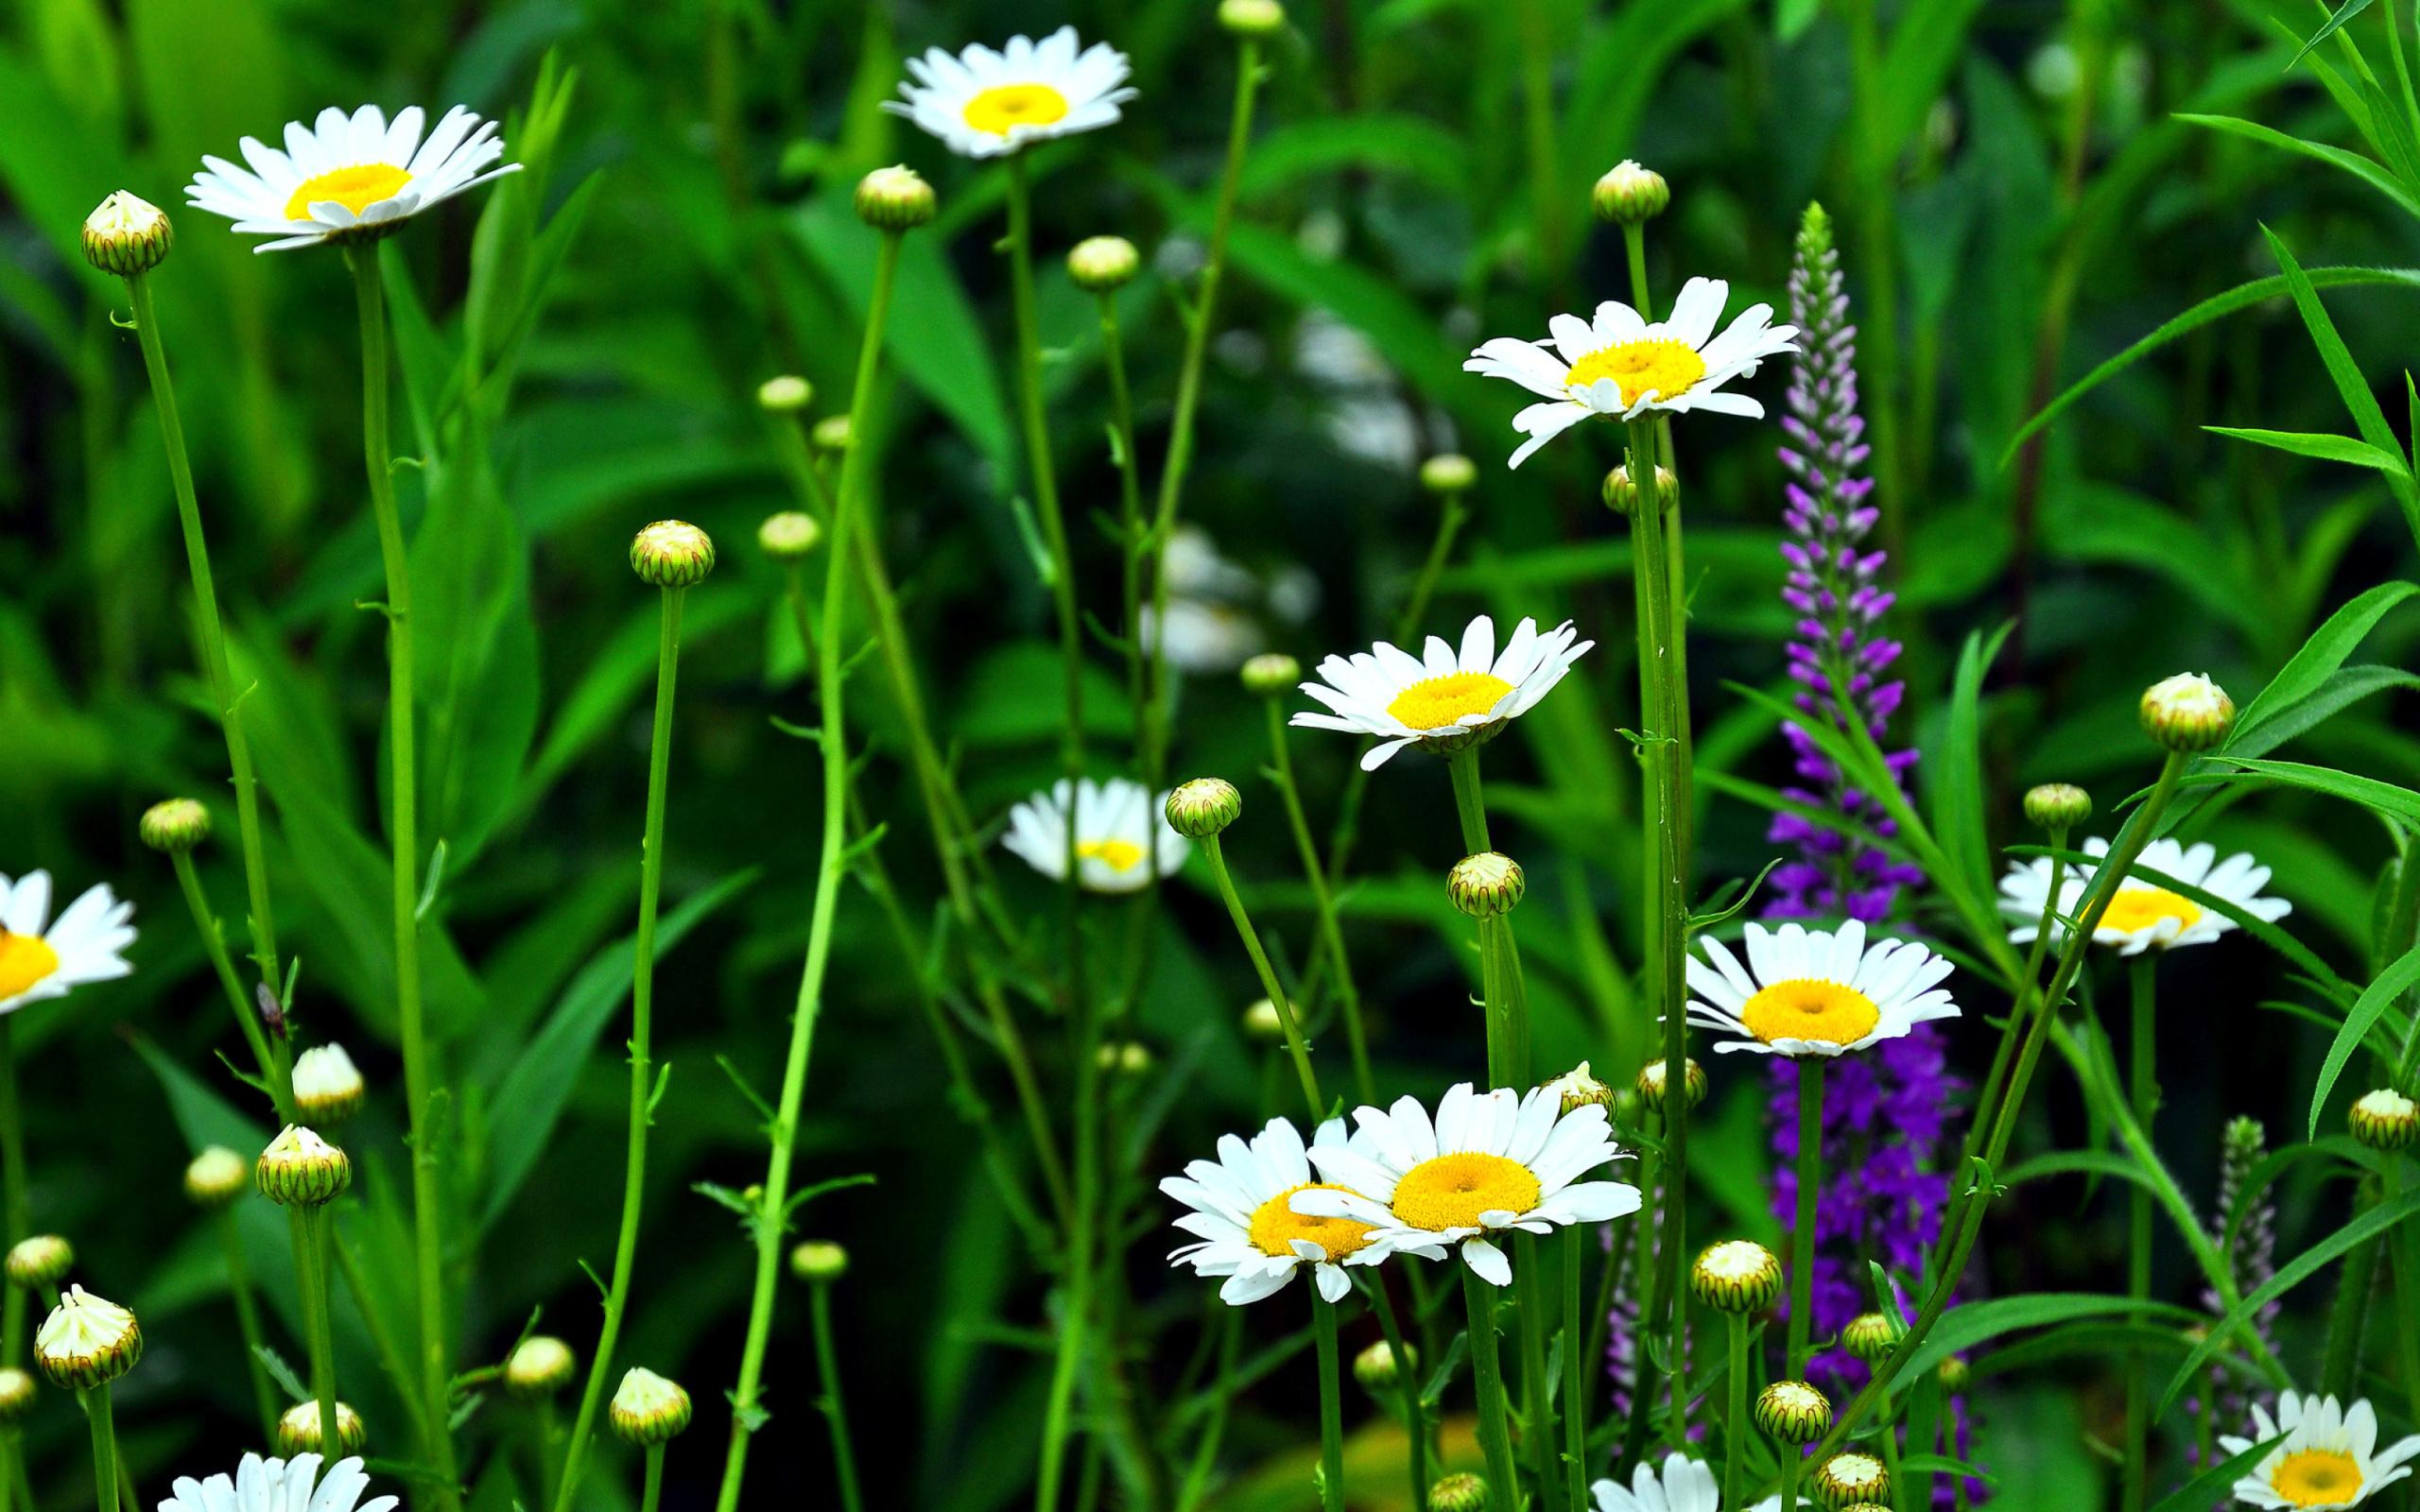 красивые картинки гифки лето ромашки для того